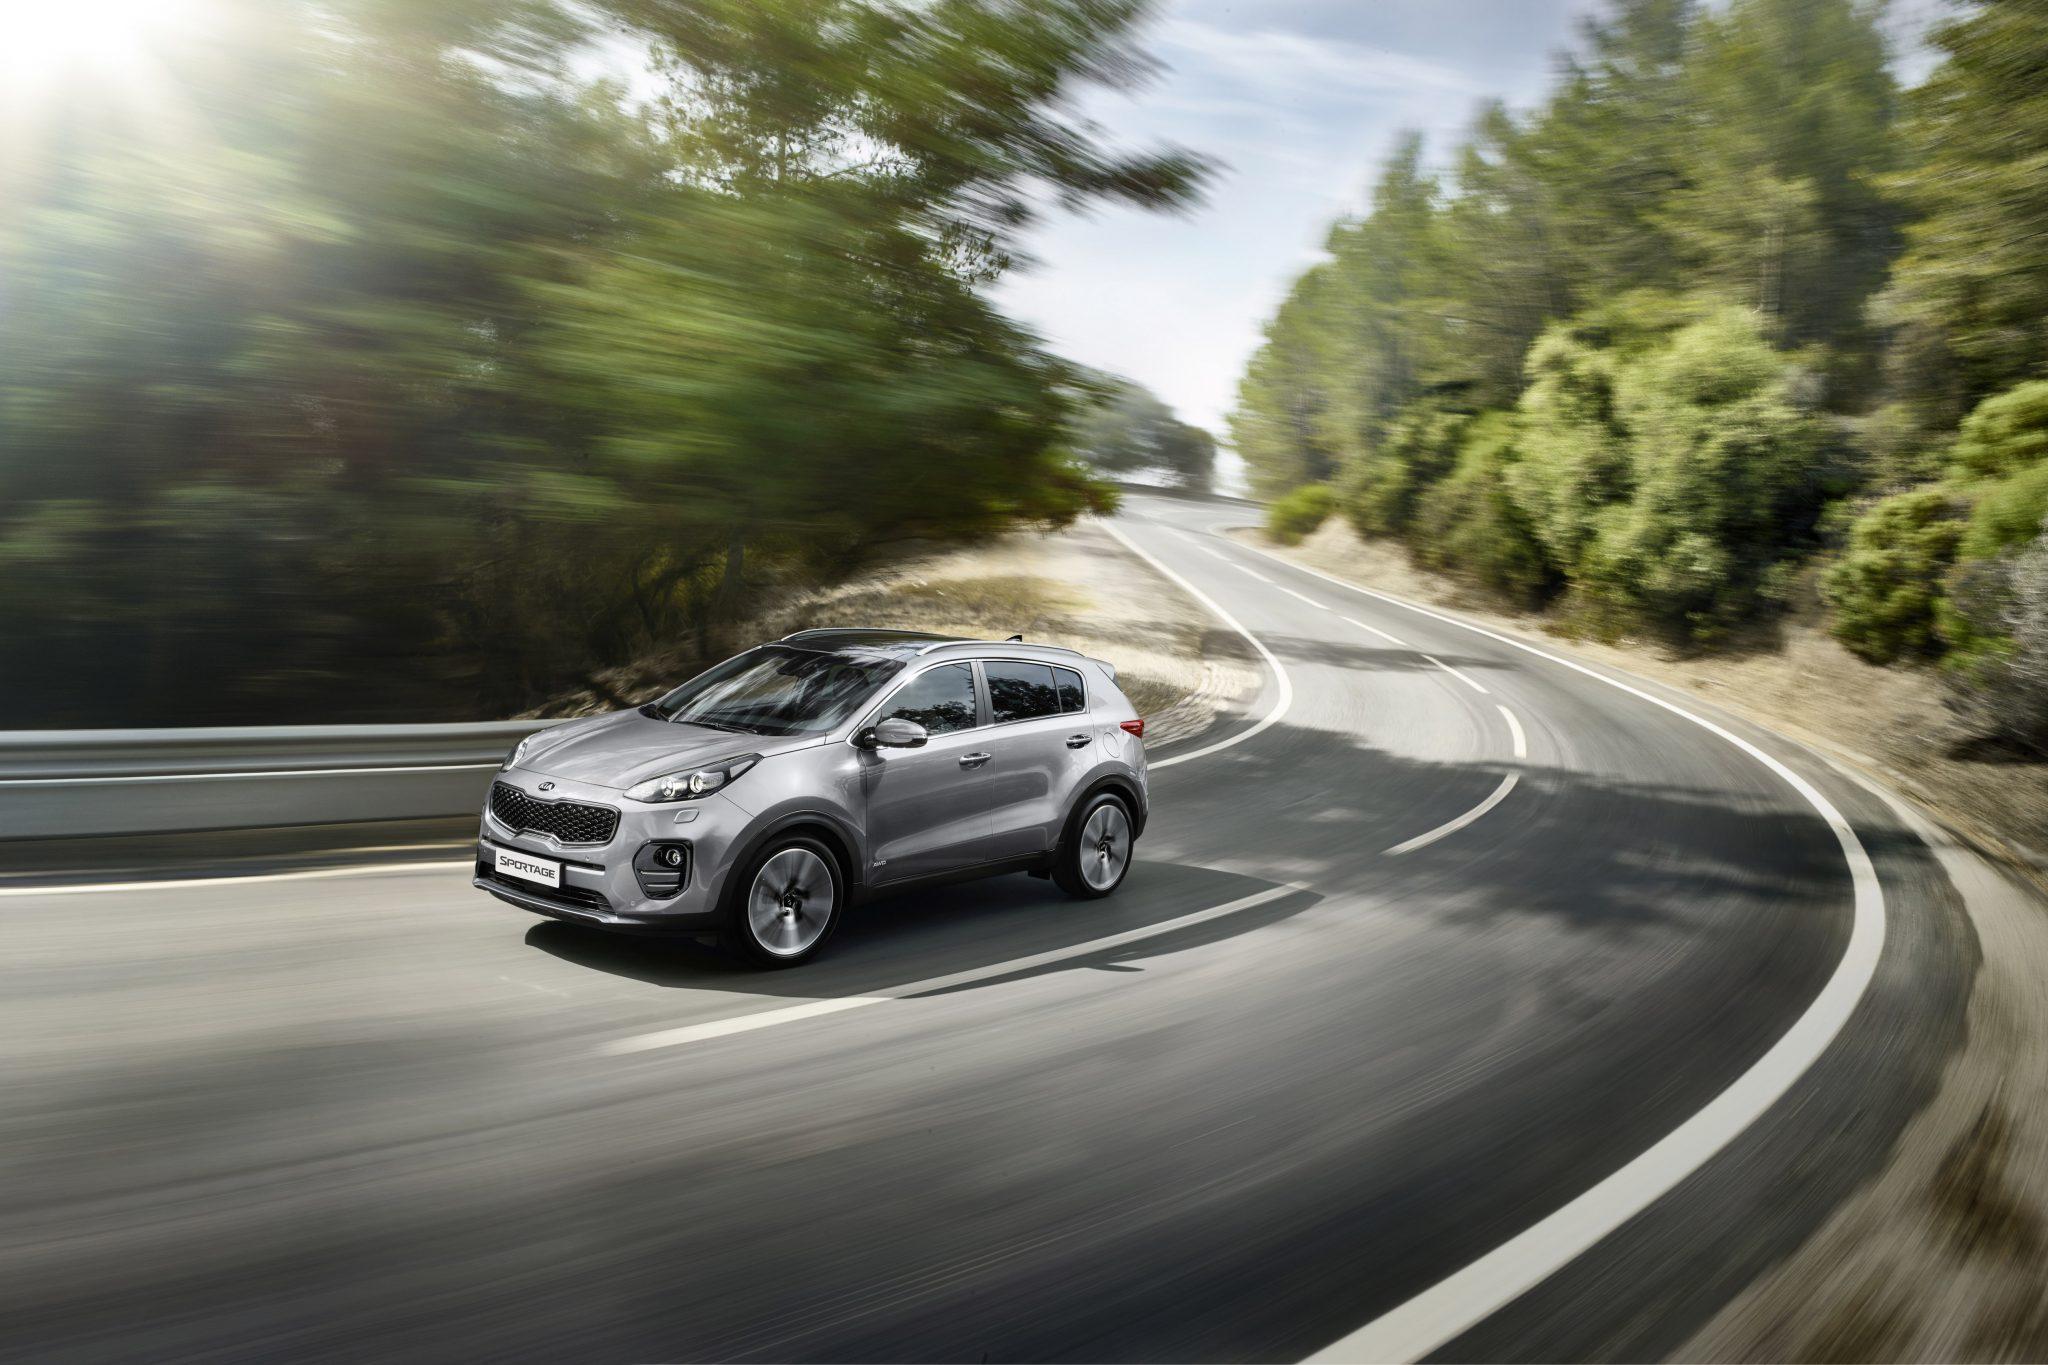 Kia Sportage Kurve Straße Seitenansicht Outdoor Silber Auto Stahl